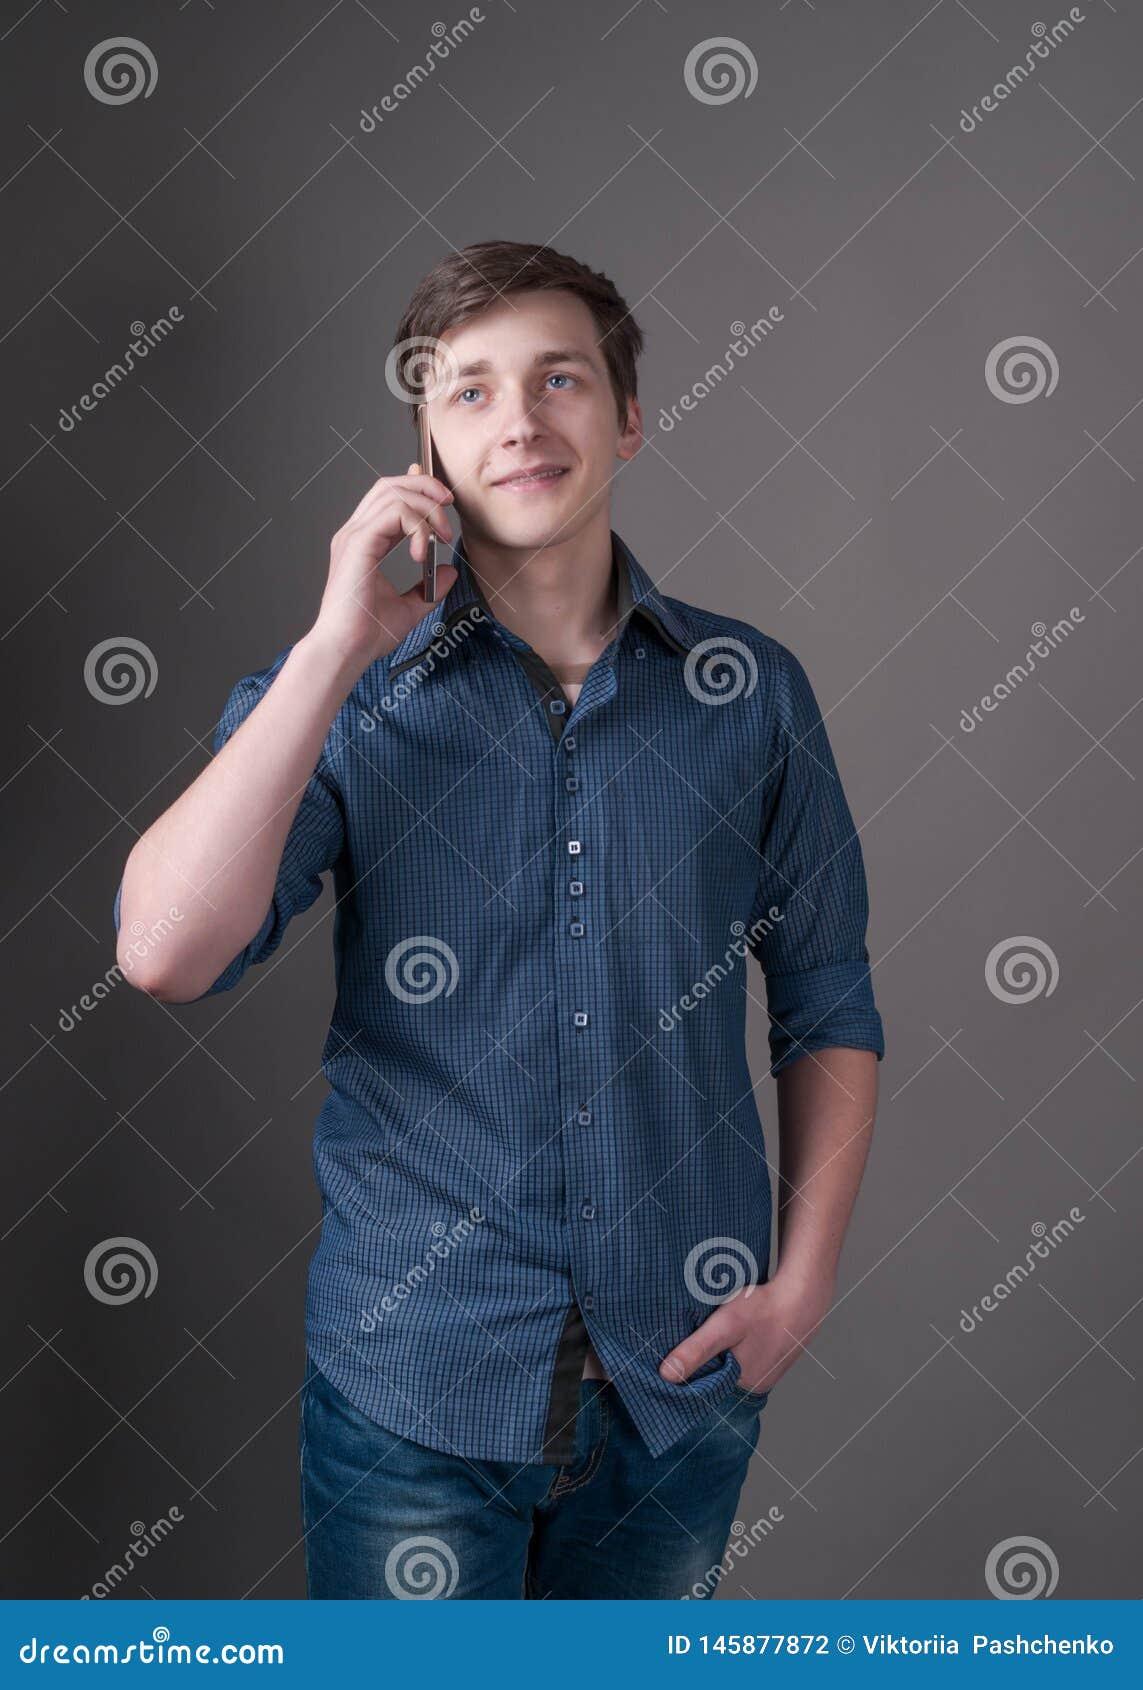 Όμορφος νεαρός άνδρας στο μπλε πουκάμισο που μιλά στο smartphone και που κοιτάζει μακριά στο γκρι